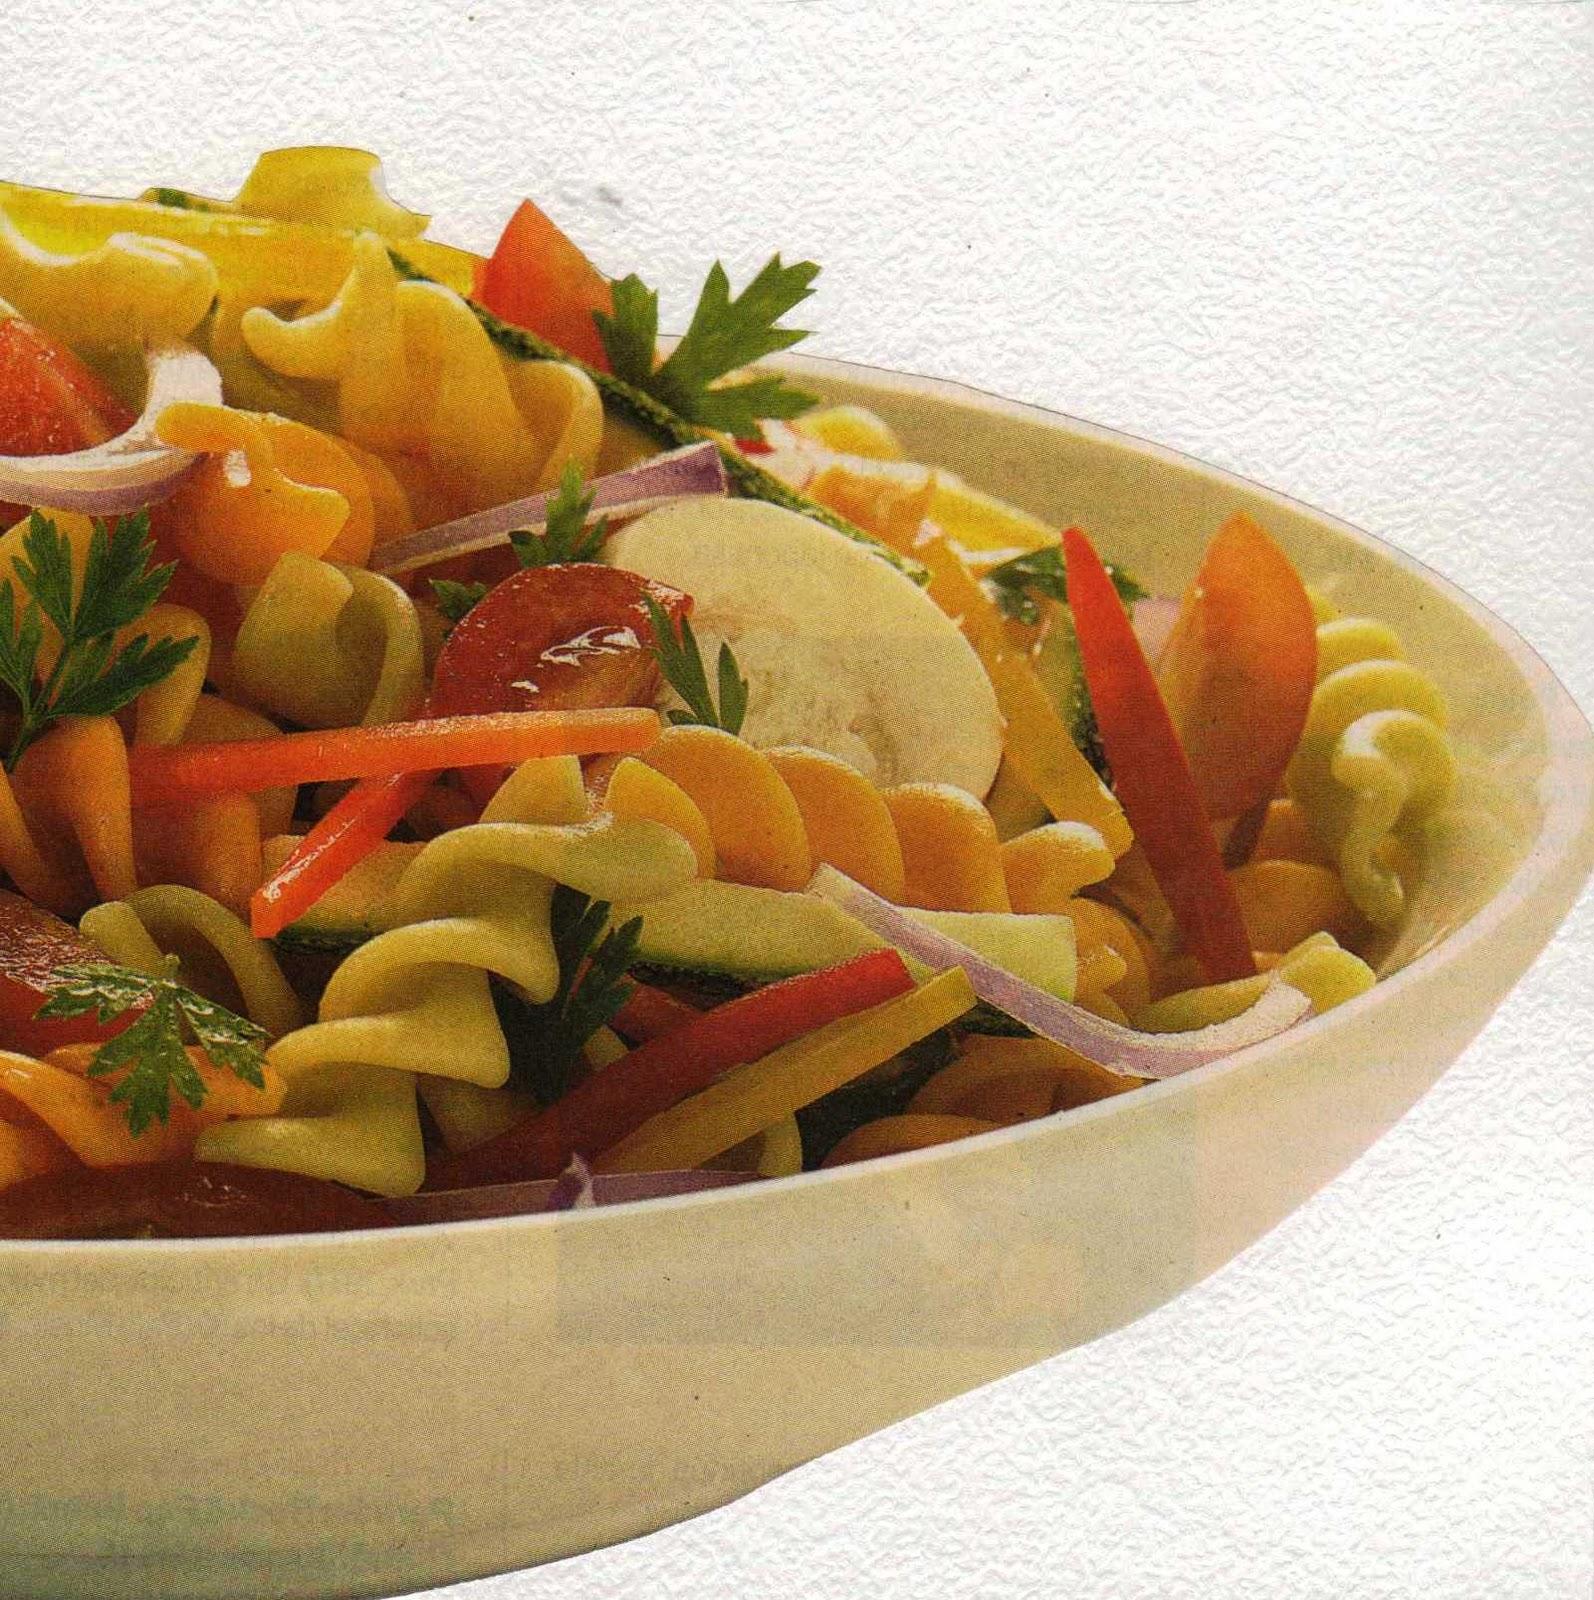 Platos de comida imagui for Comida francesa platos tipicos